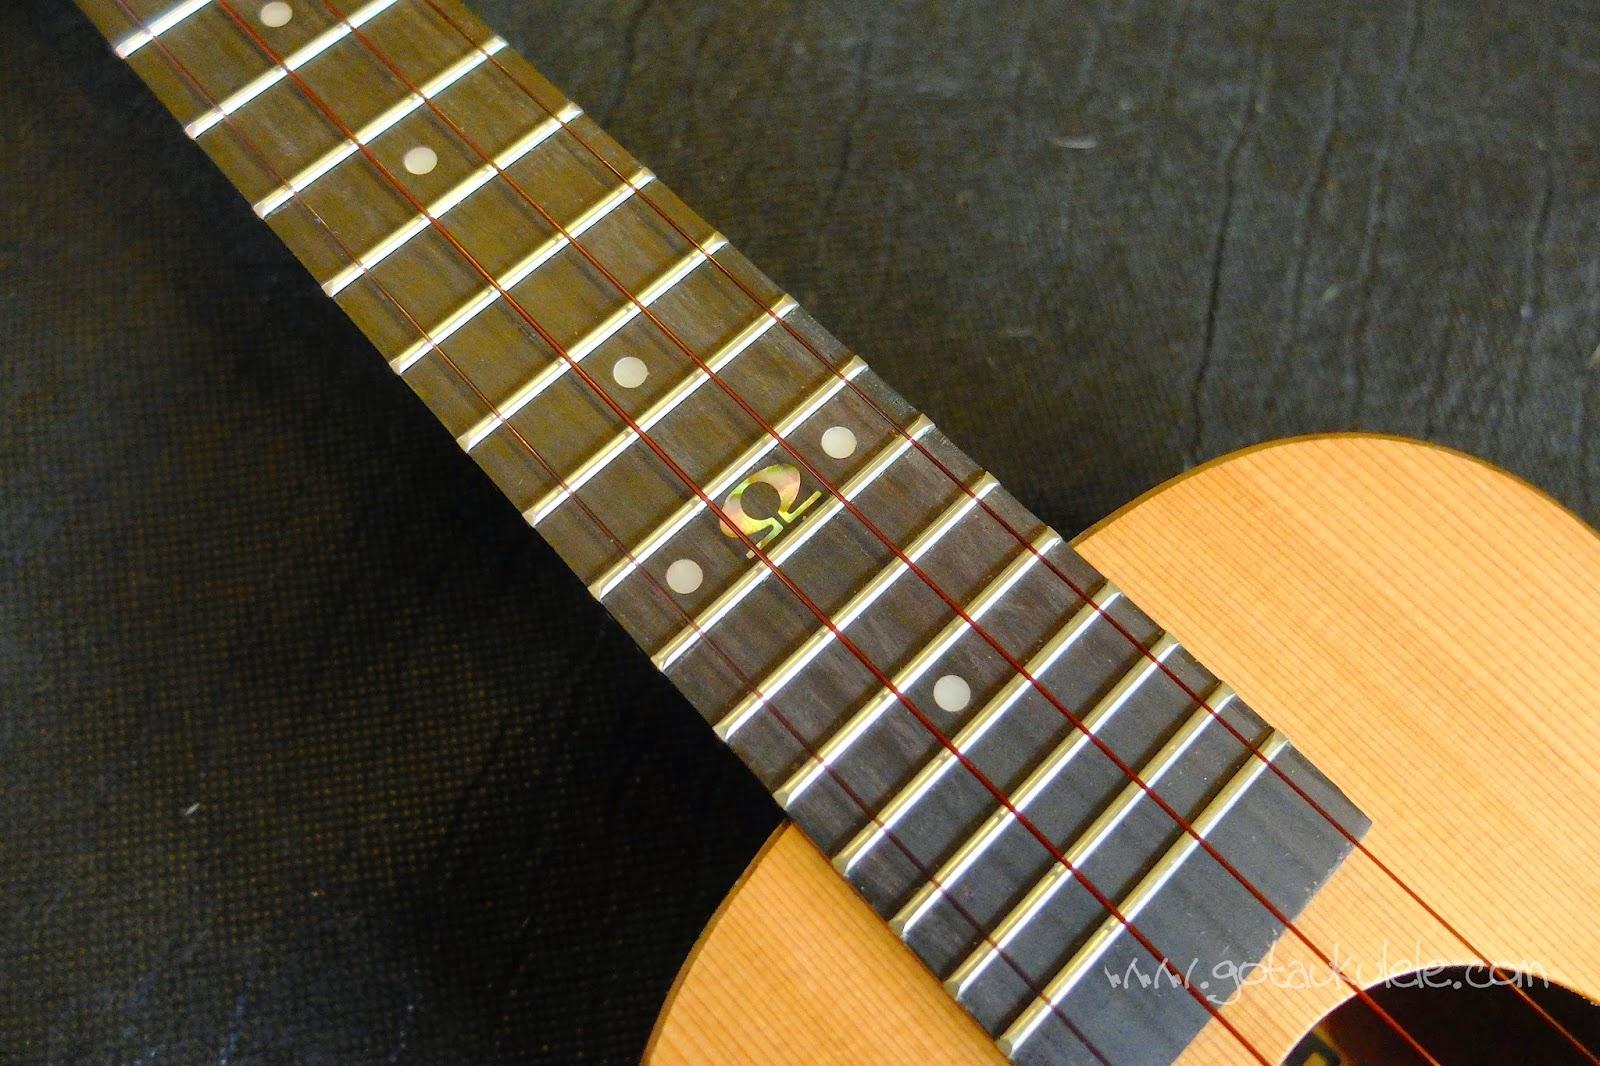 Omega Zedro II Concert Ukulele fingerboard